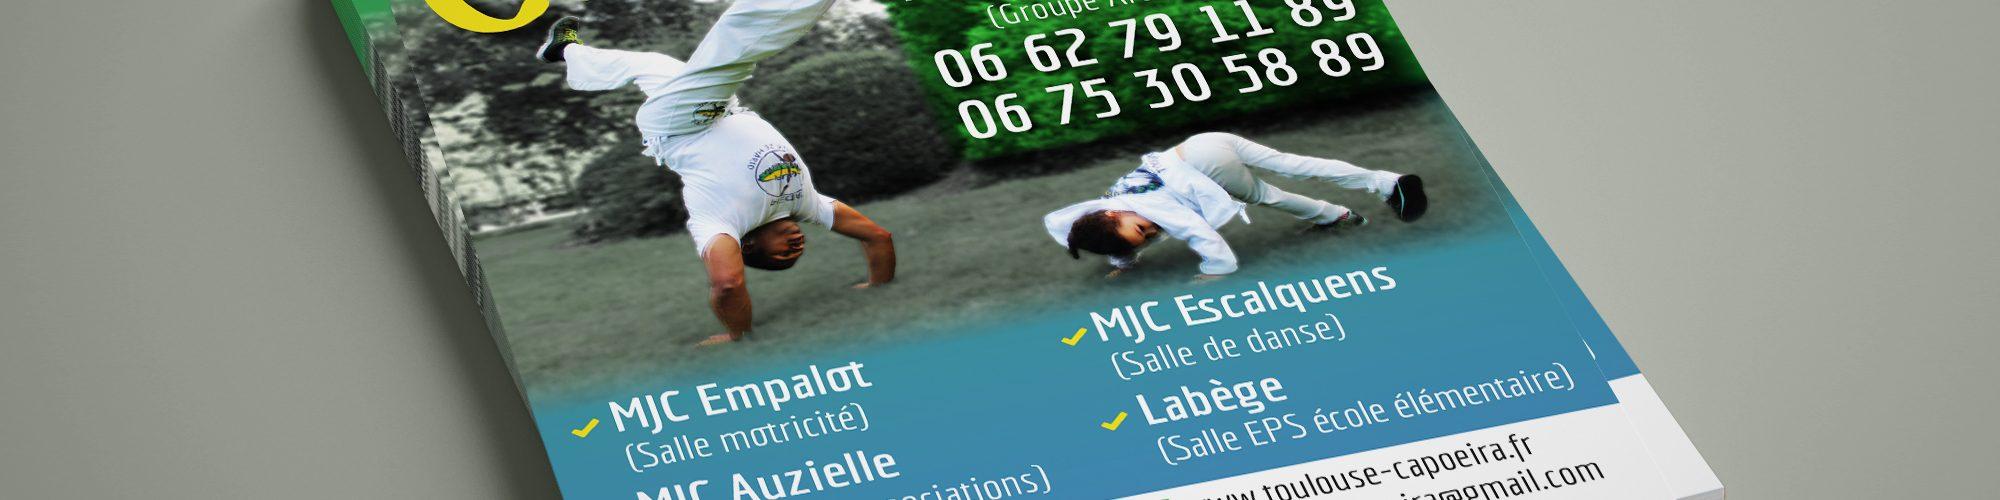 Flyer Arte Capoeira Toulouse 2017 - recto